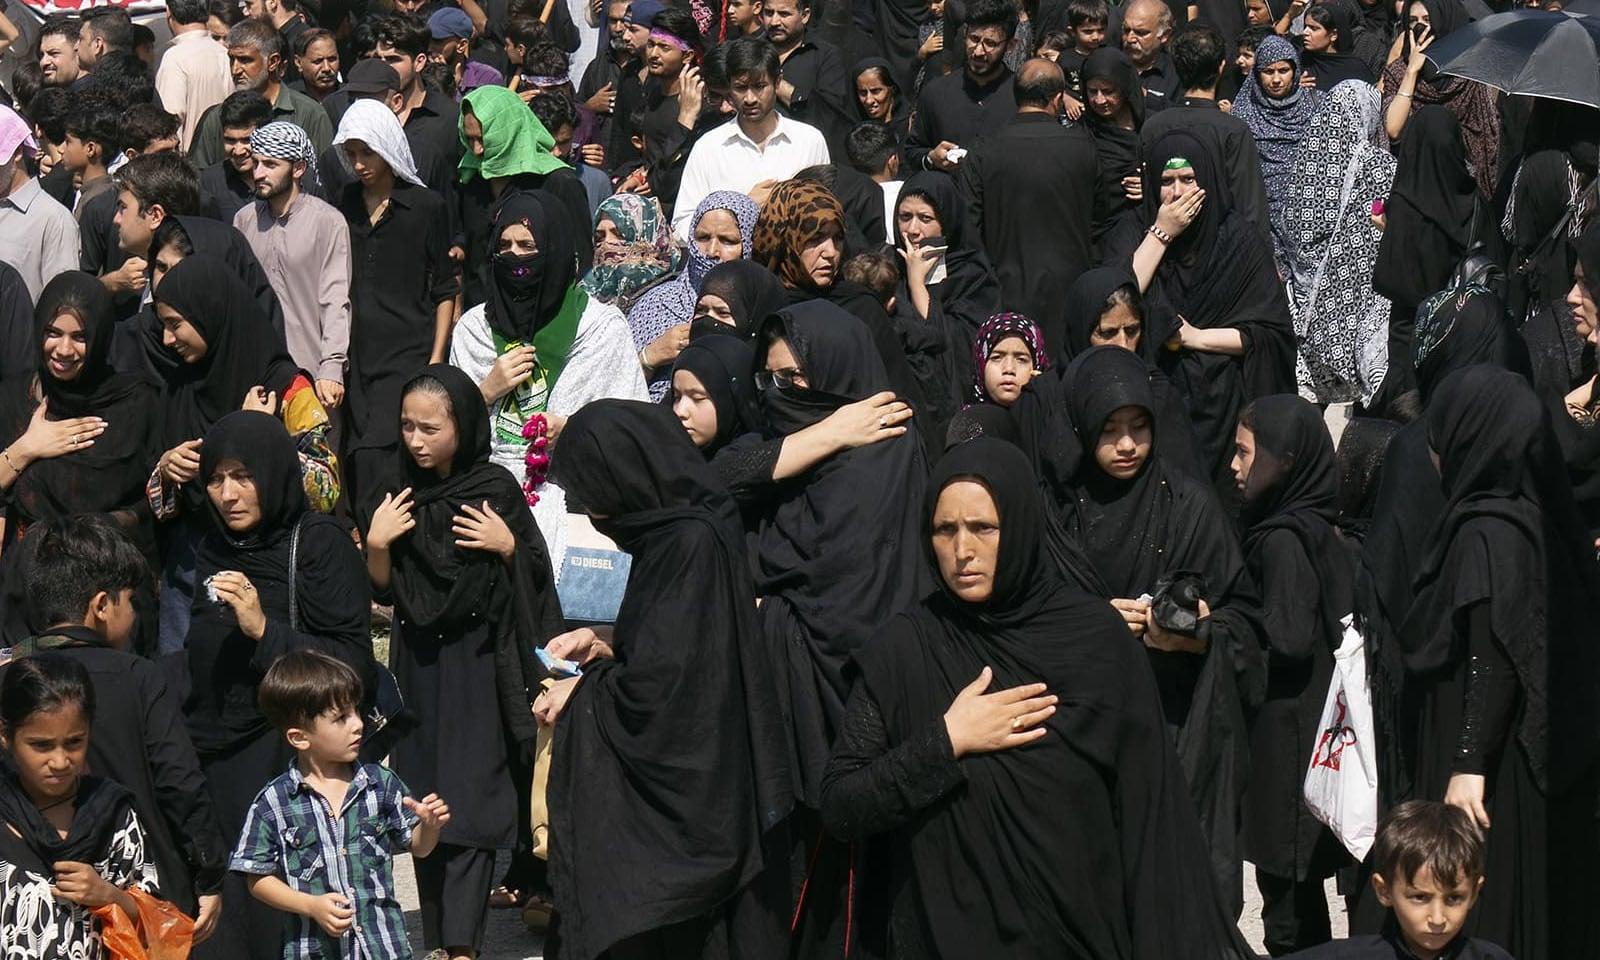 اسلام آباد میں عاشورہ کے جلوس میں خواتین اور بچوں نے بھی شرکت کی — فوٹو: اے پی